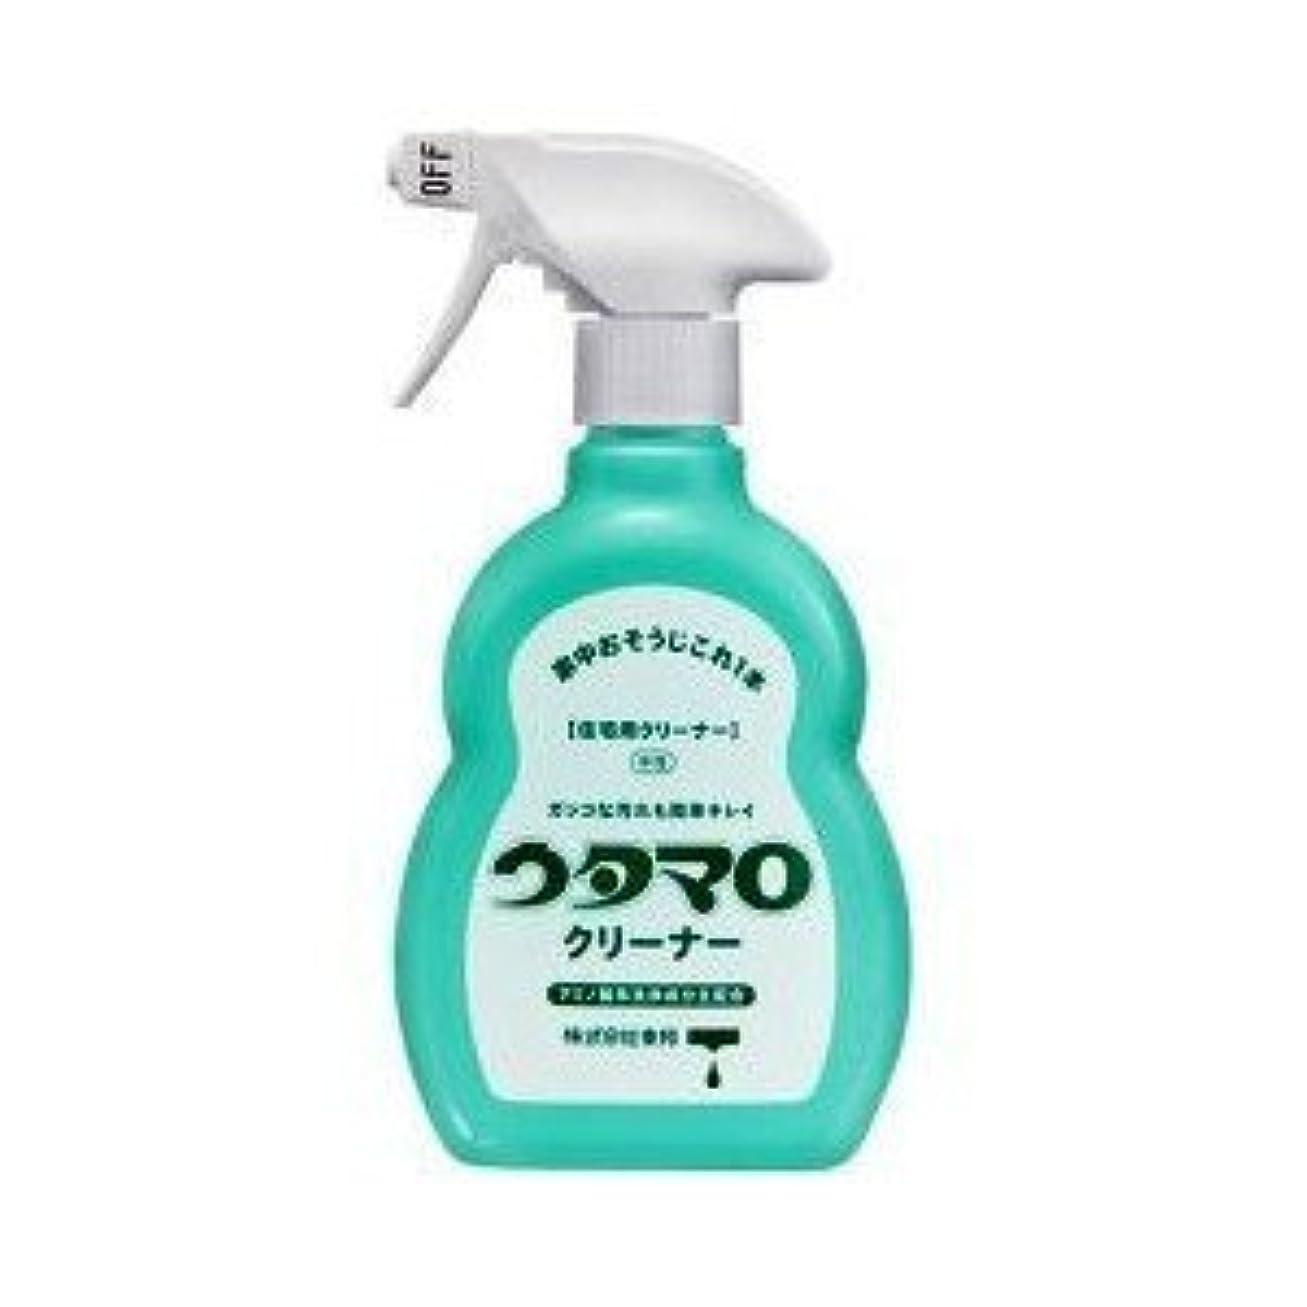 乳製品絶滅した補助金ウタマロ クリーナー 400ml 洗剤 住居用 アミノ酸系洗浄成分主配合 さわやかなグリーンハーブの香り